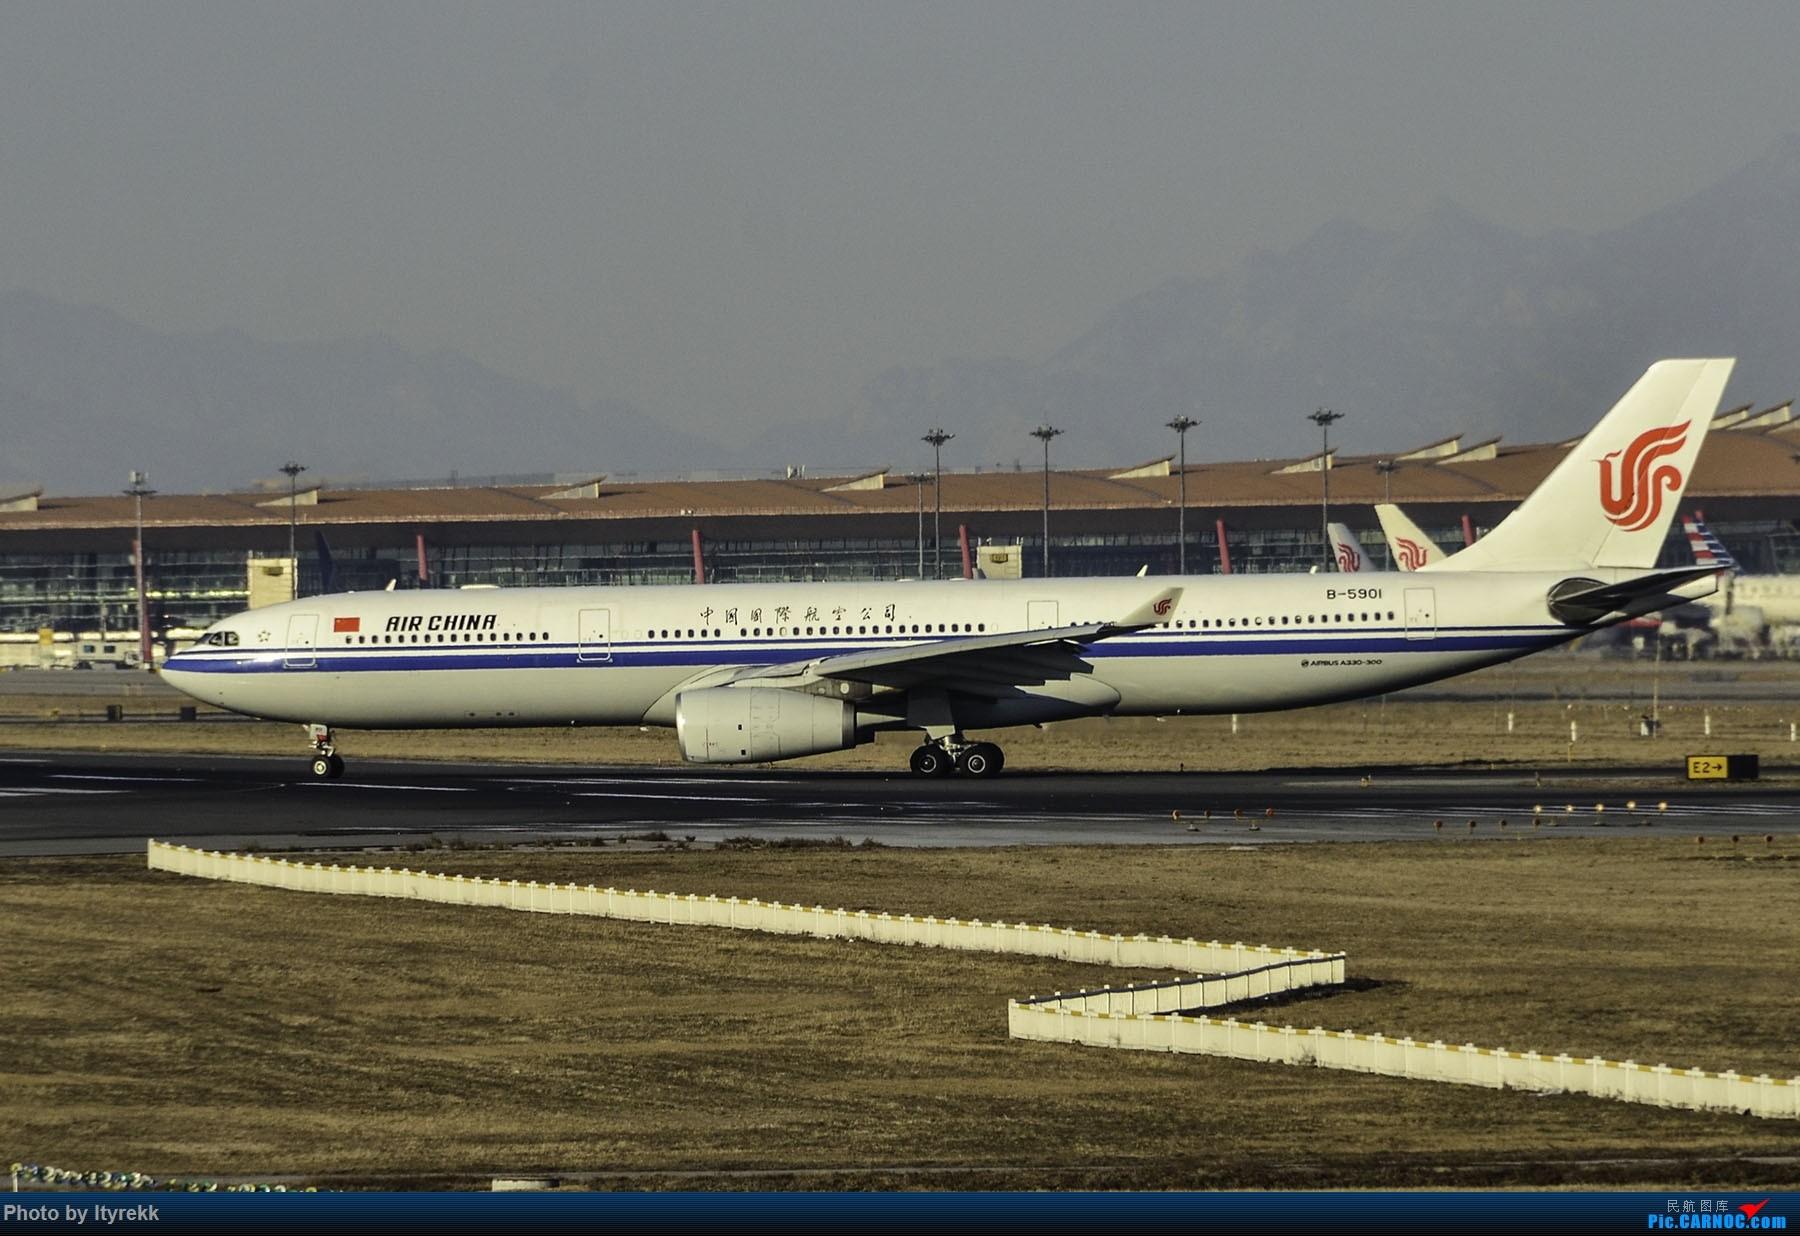 Re:[原创]PEK一日游 收获厦航首架789 B-1566等 AIRBUS A330-300 B-5901 中国北京首都国际机场